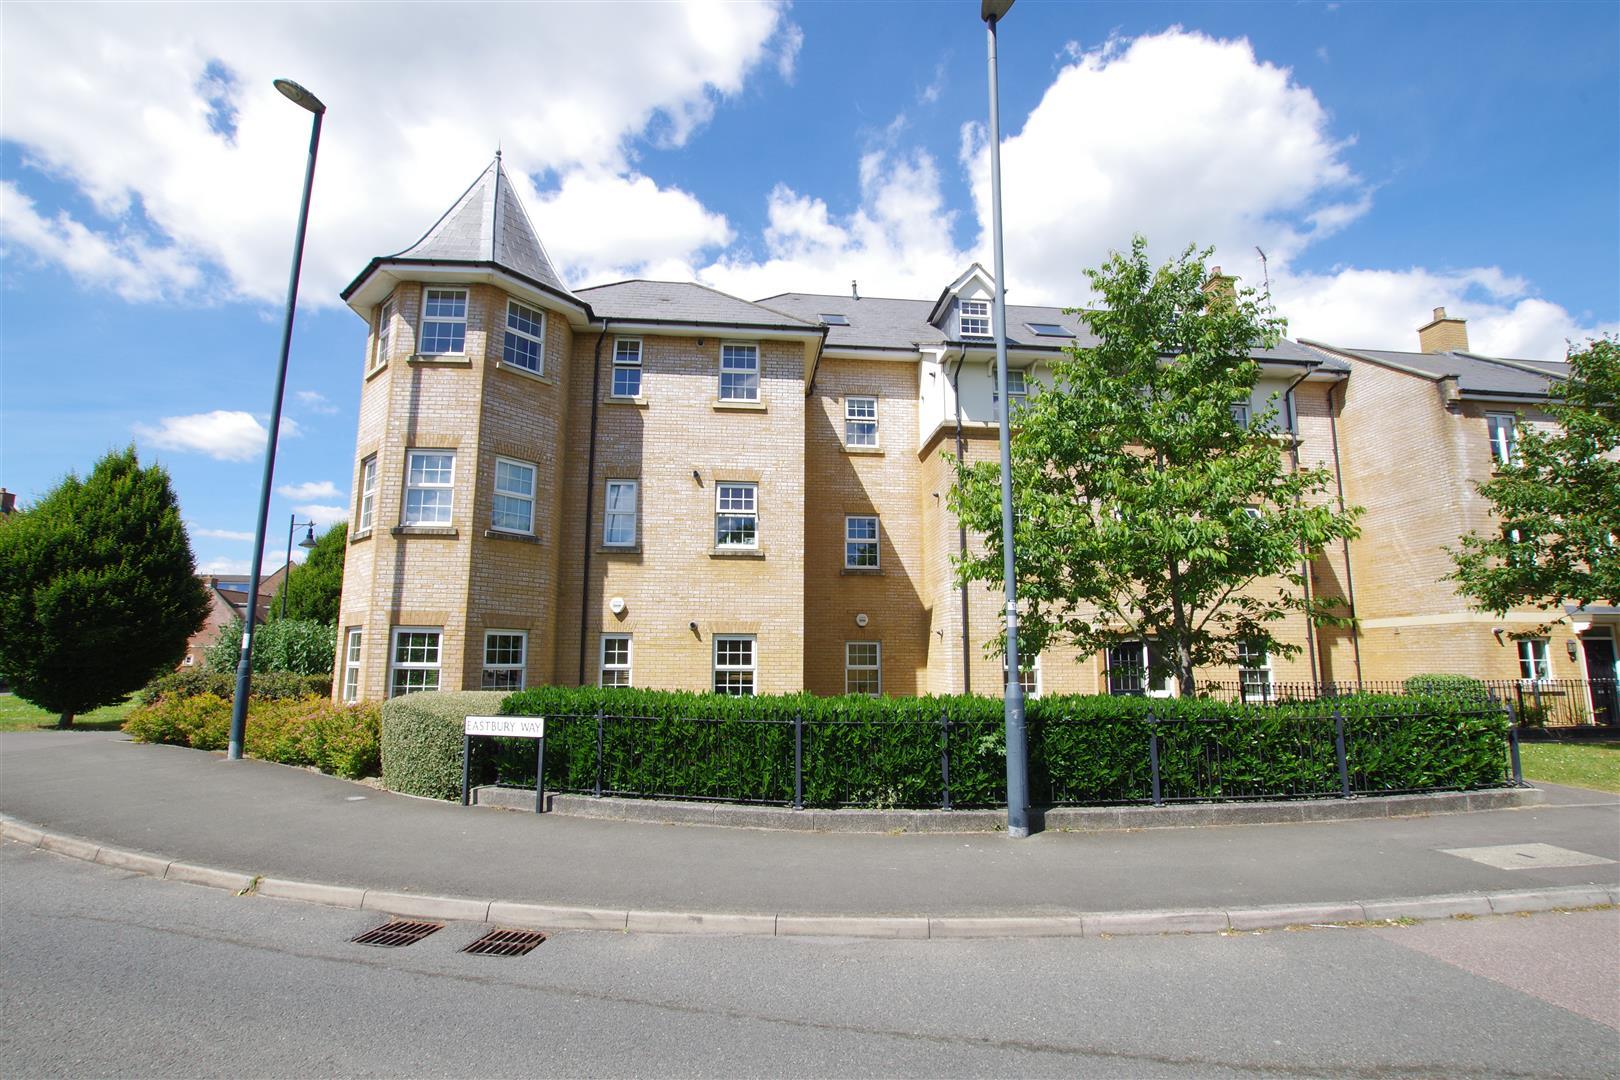 Eastbury Way, Redhouse, Swindon